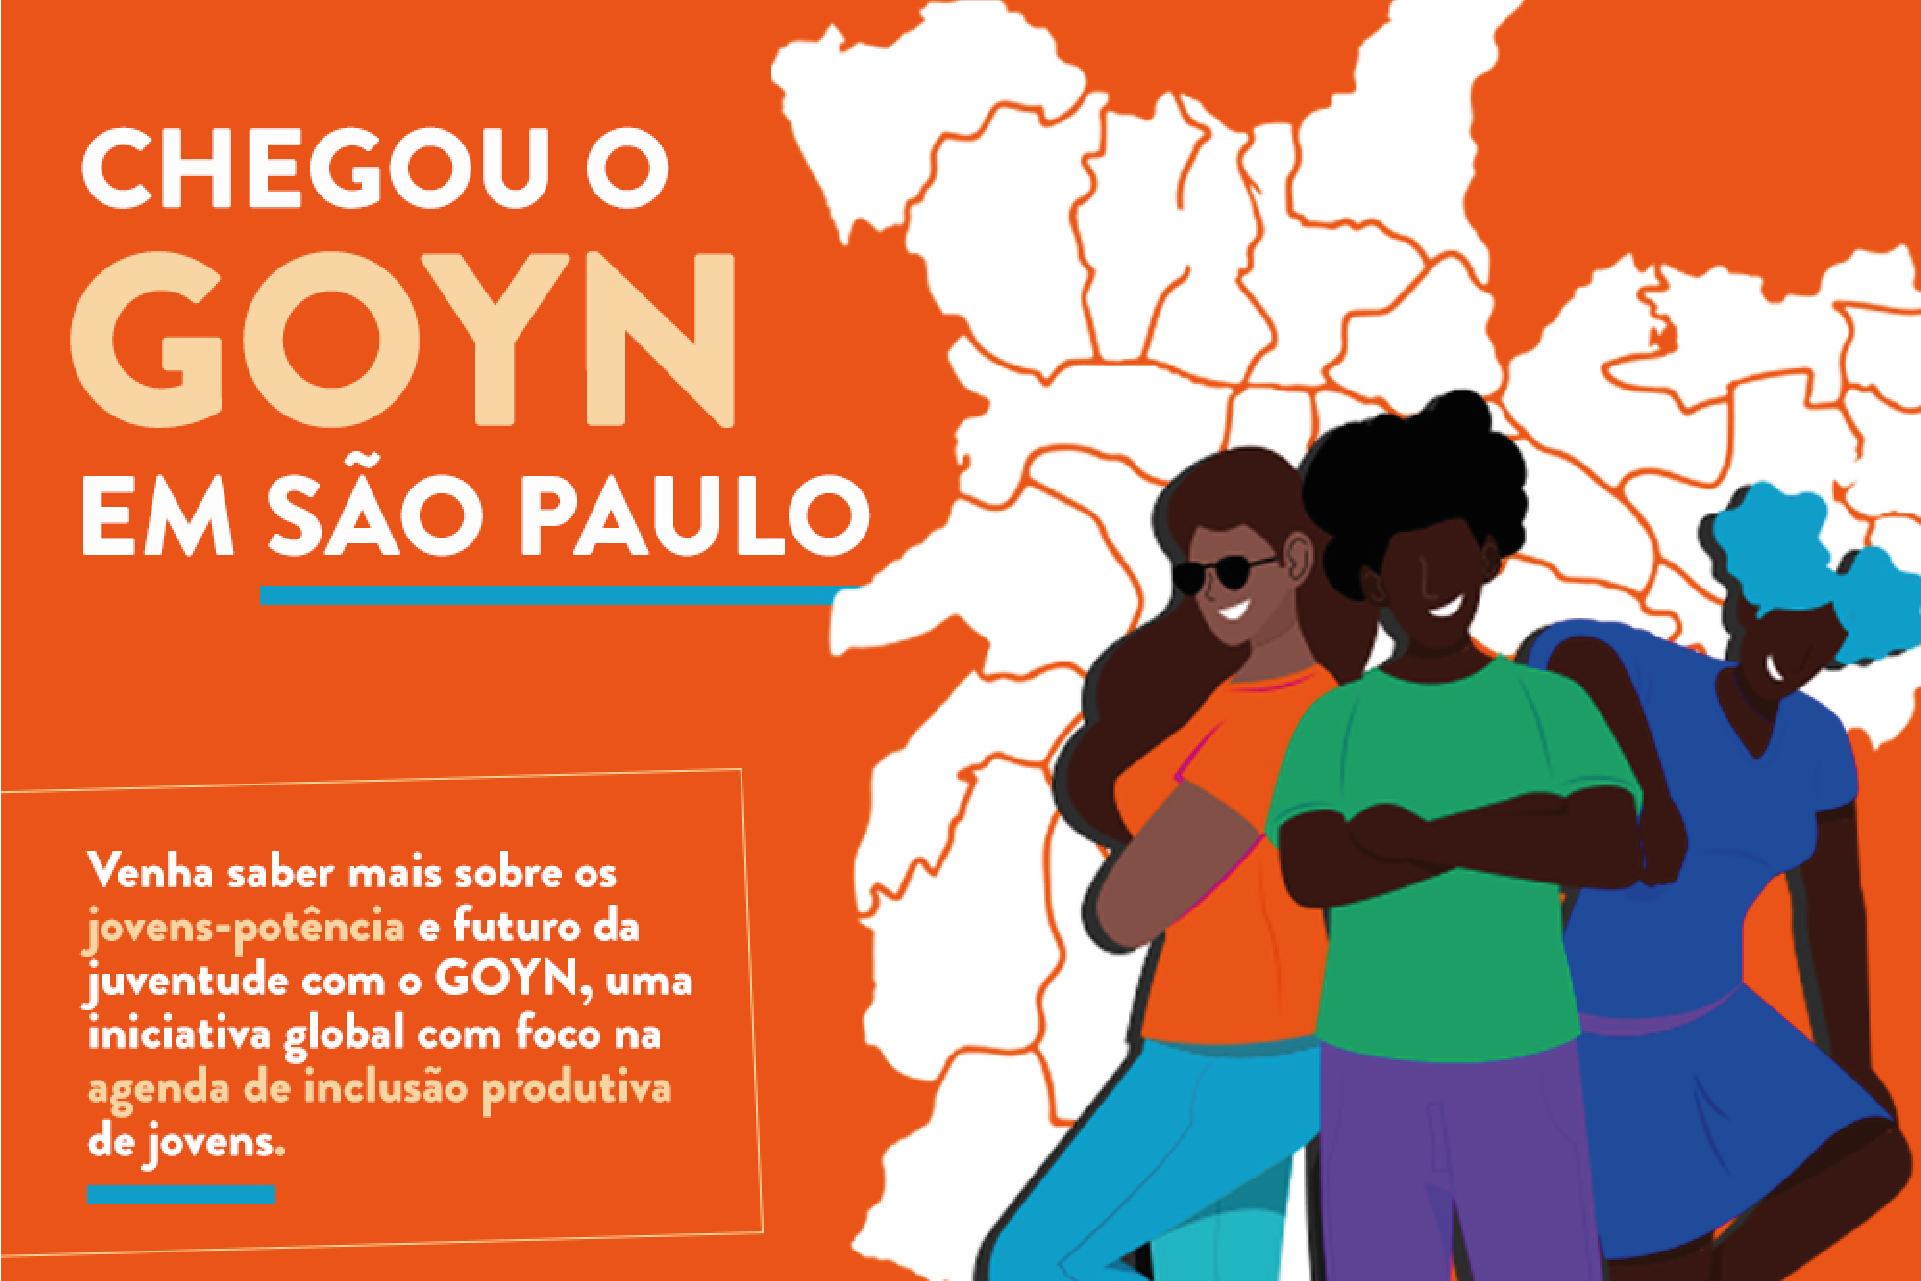 PROGRAMA GOYN SÃO PAULO APRESENTA SOLUÇÕES PARA A EMPREGABILIDADE DE JOVENS DA PERIFERIA EM EVENTO ONLINE E GRATUITO